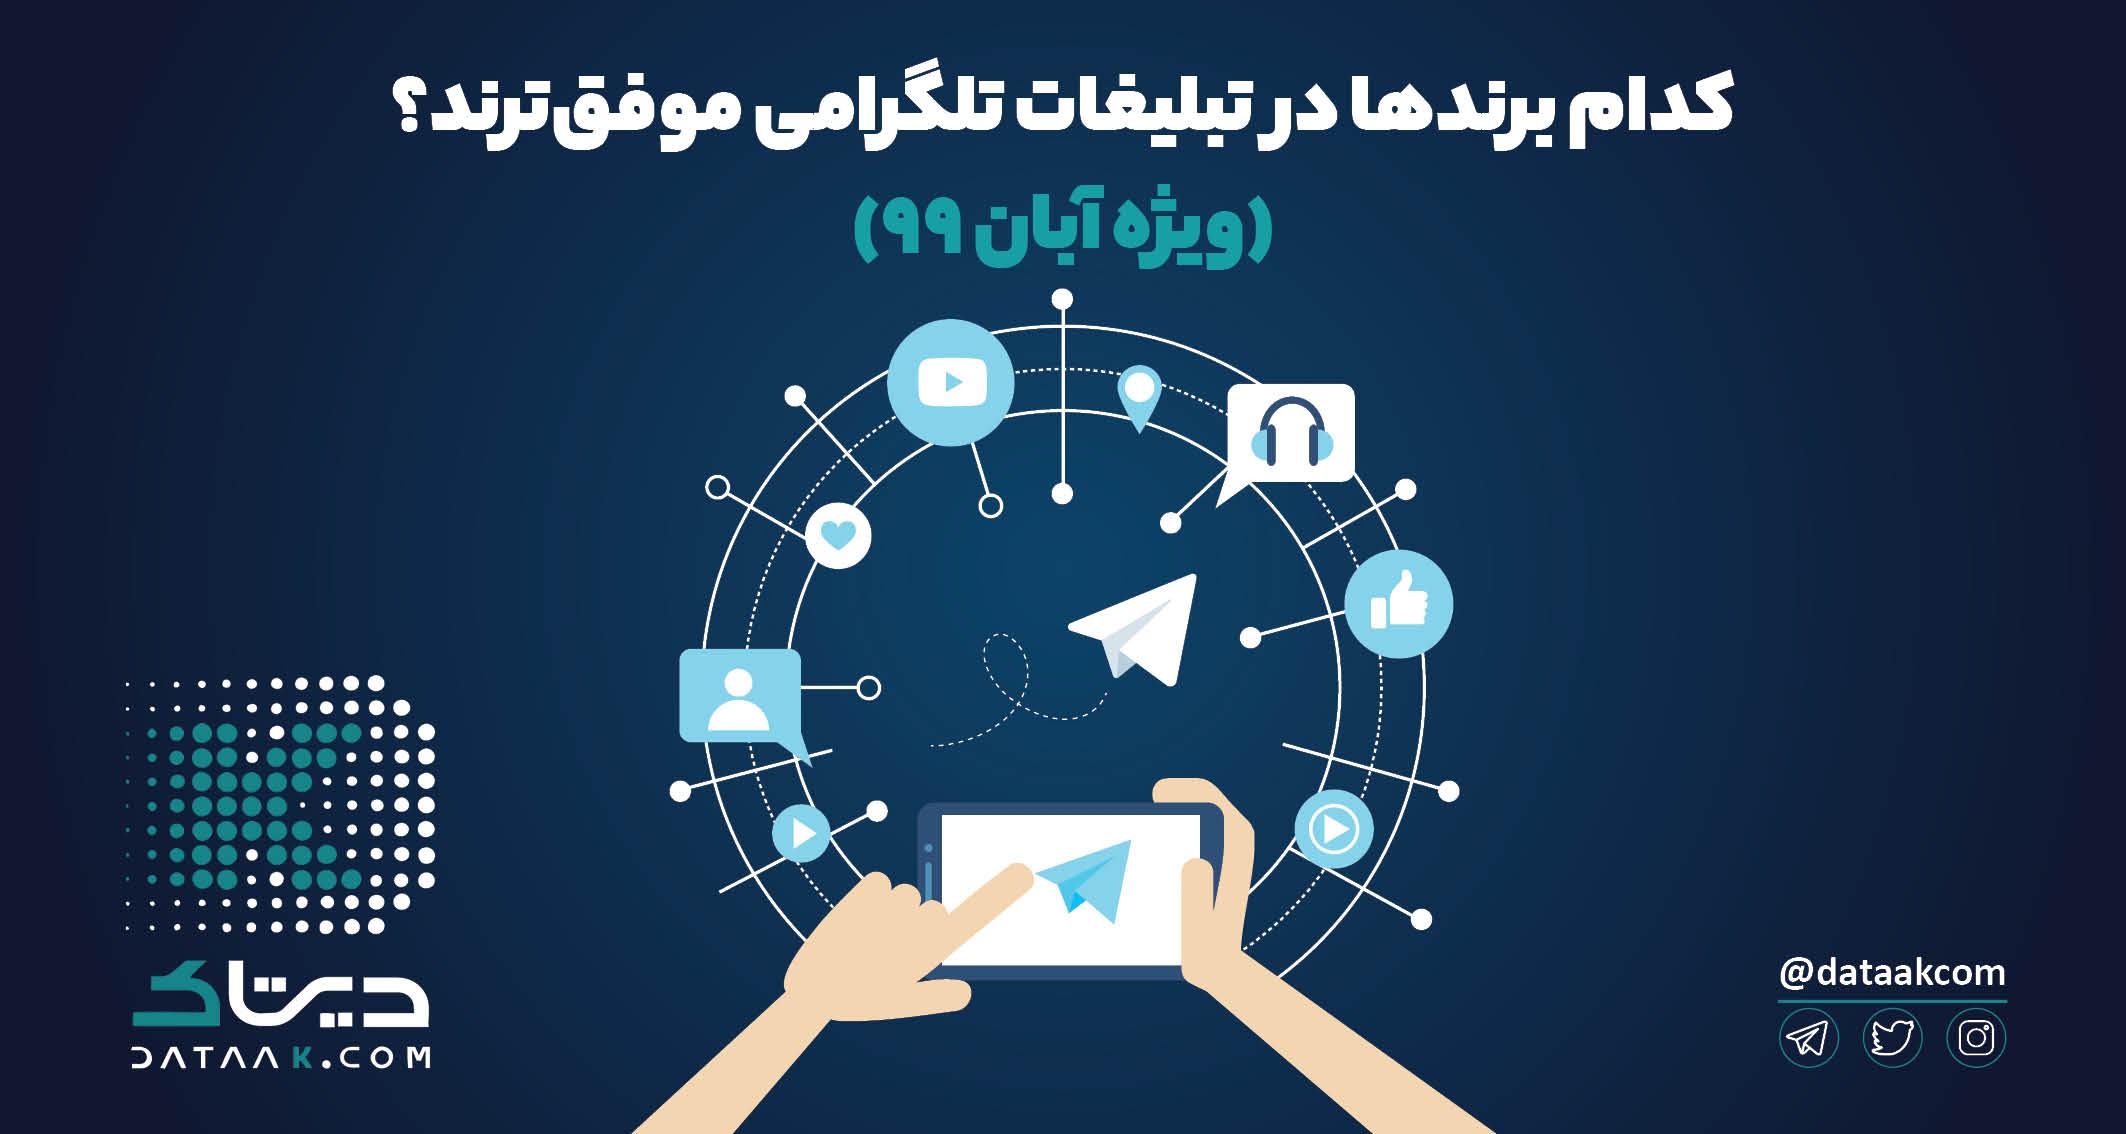 تبلیغات برندها در تلگرام